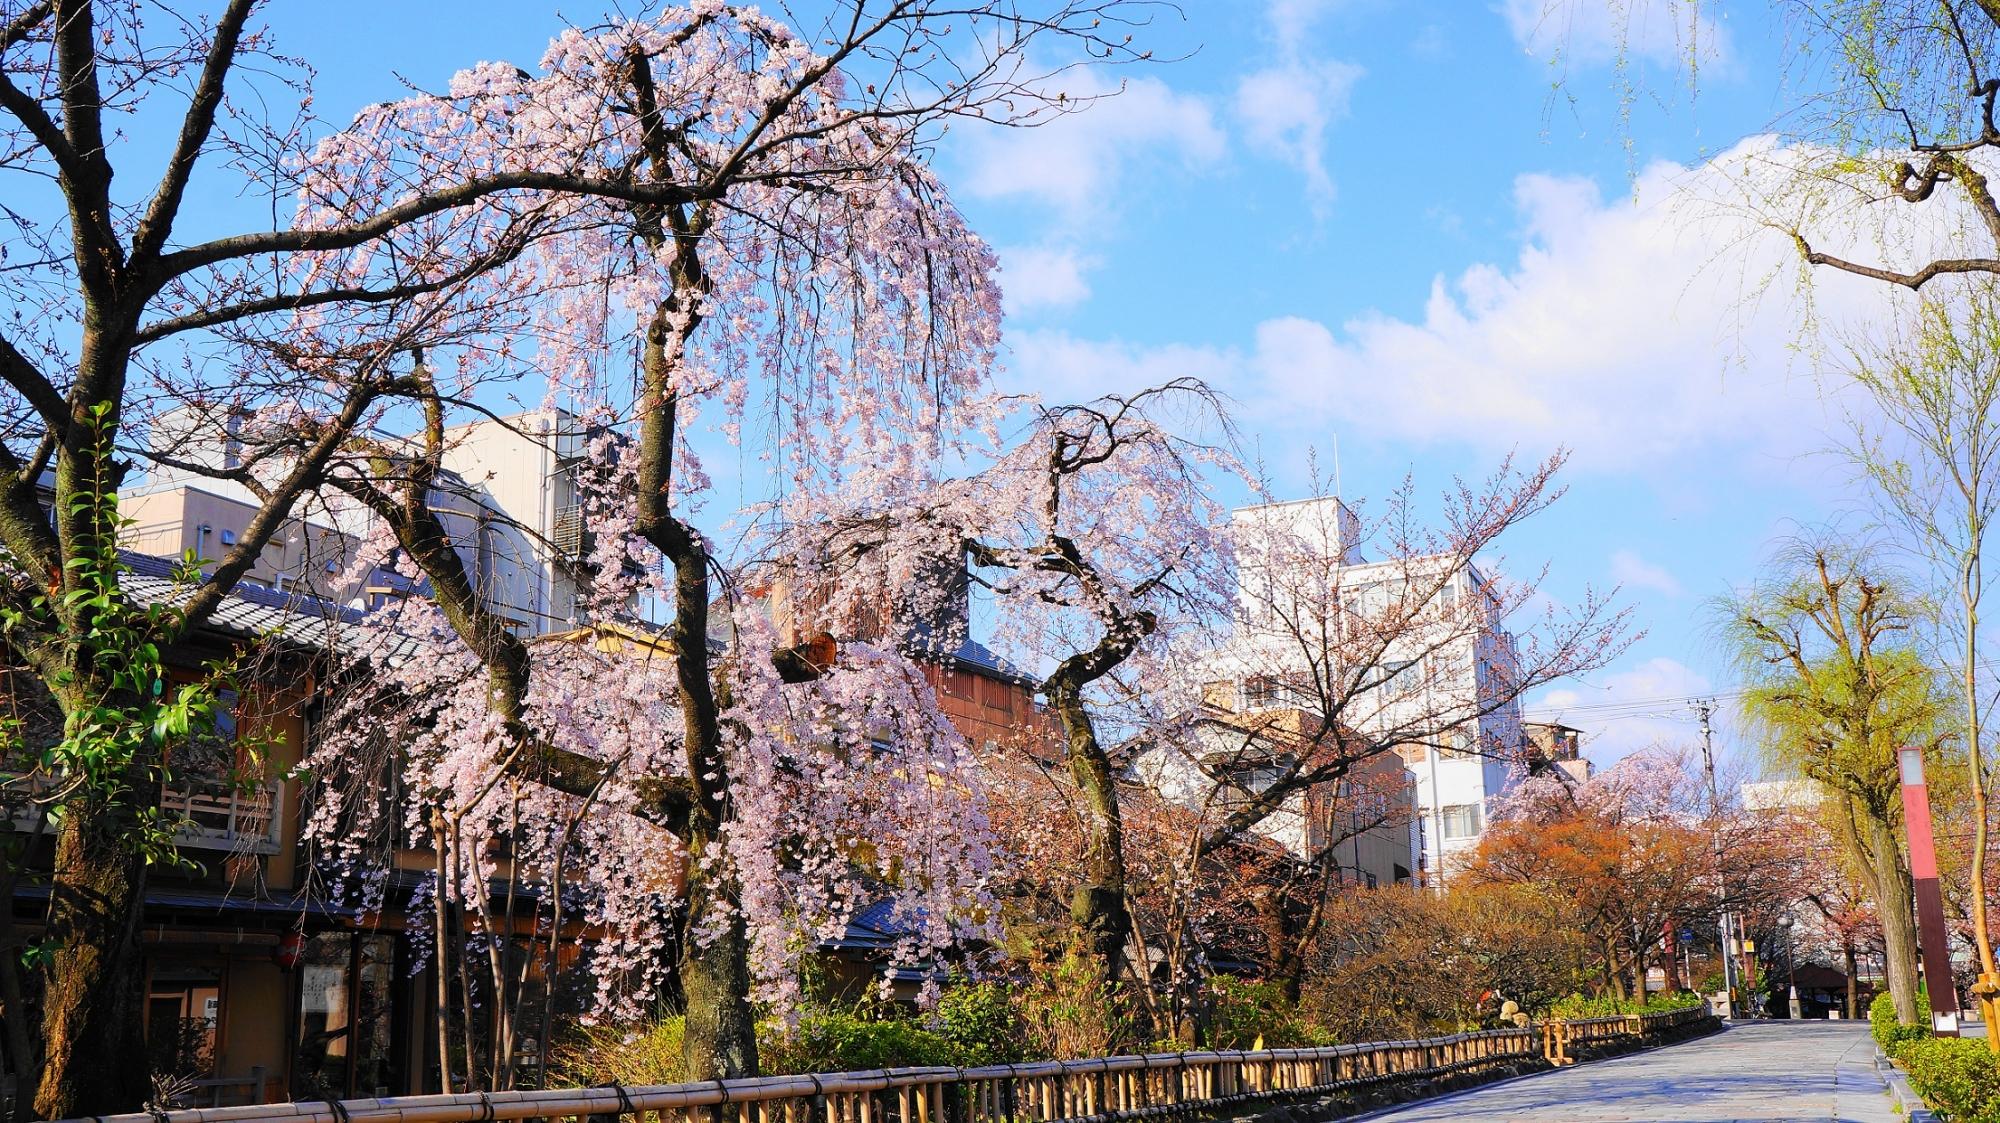 石畳の情緒溢れる京都っぽい通りの桜